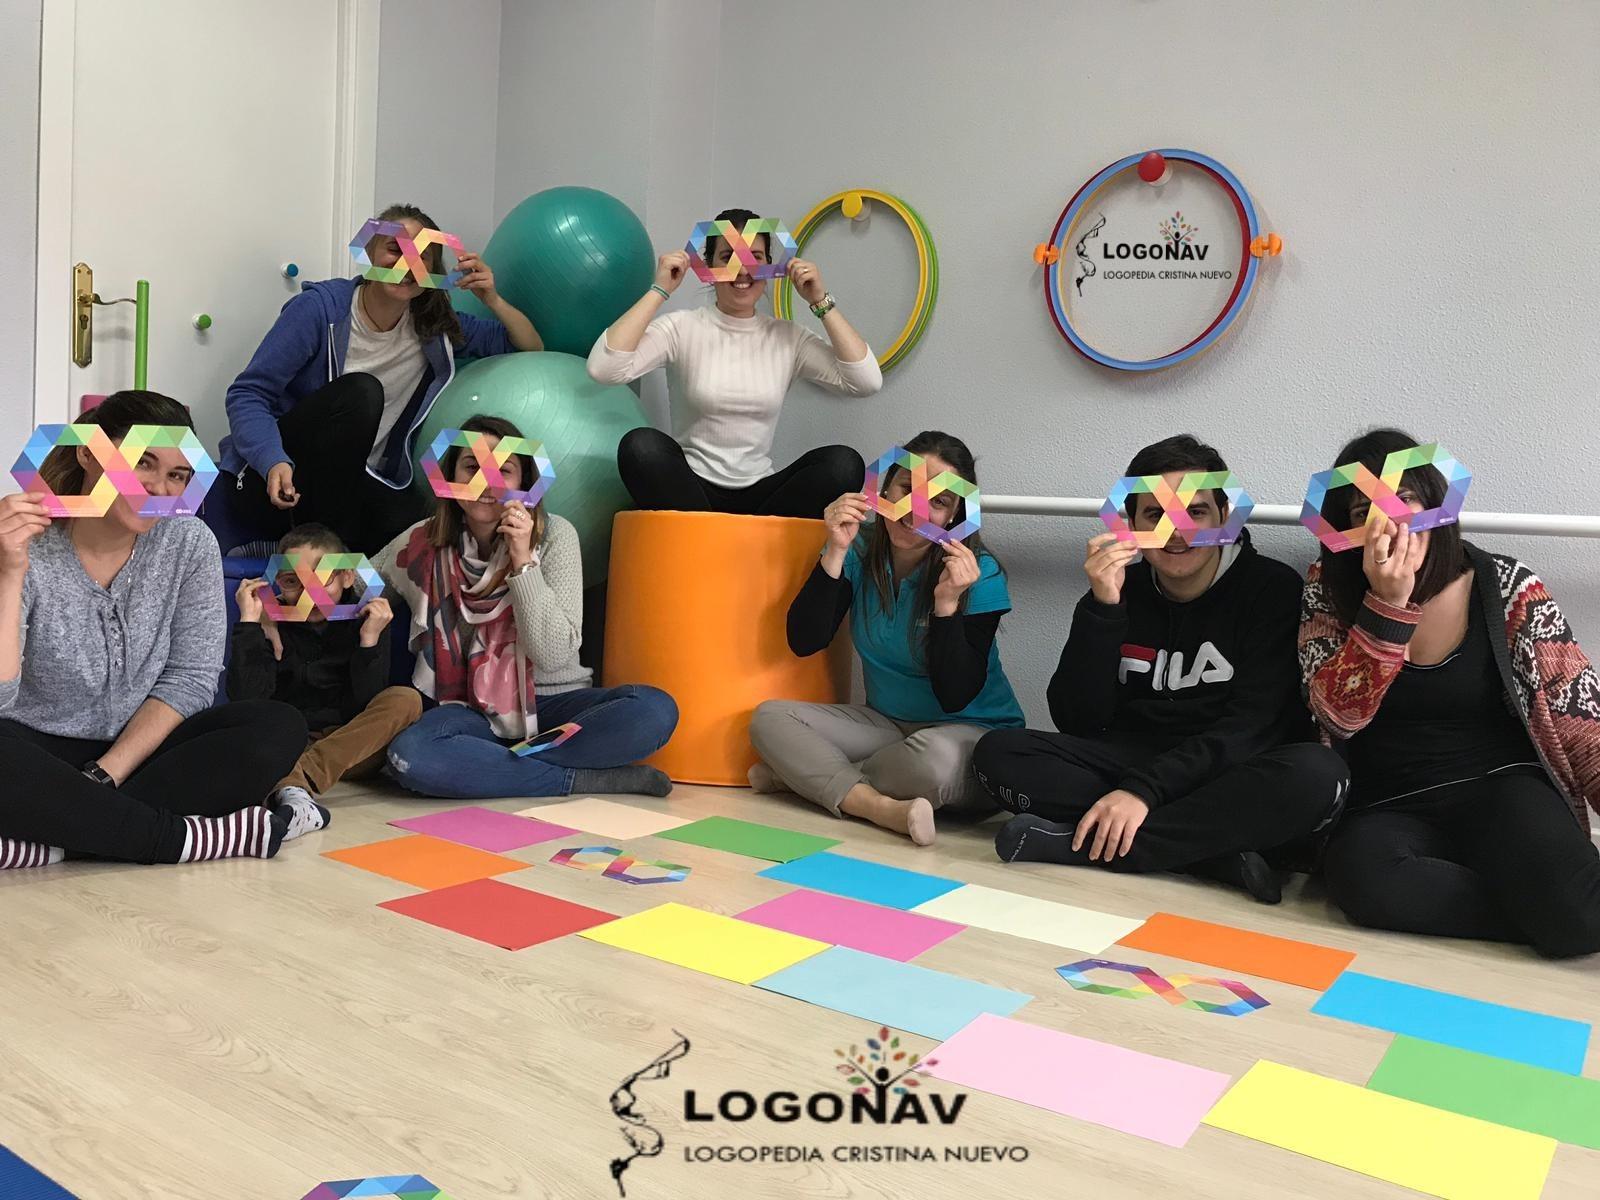 Logonav Logopedia en Navalmoral de la Mata Cristina